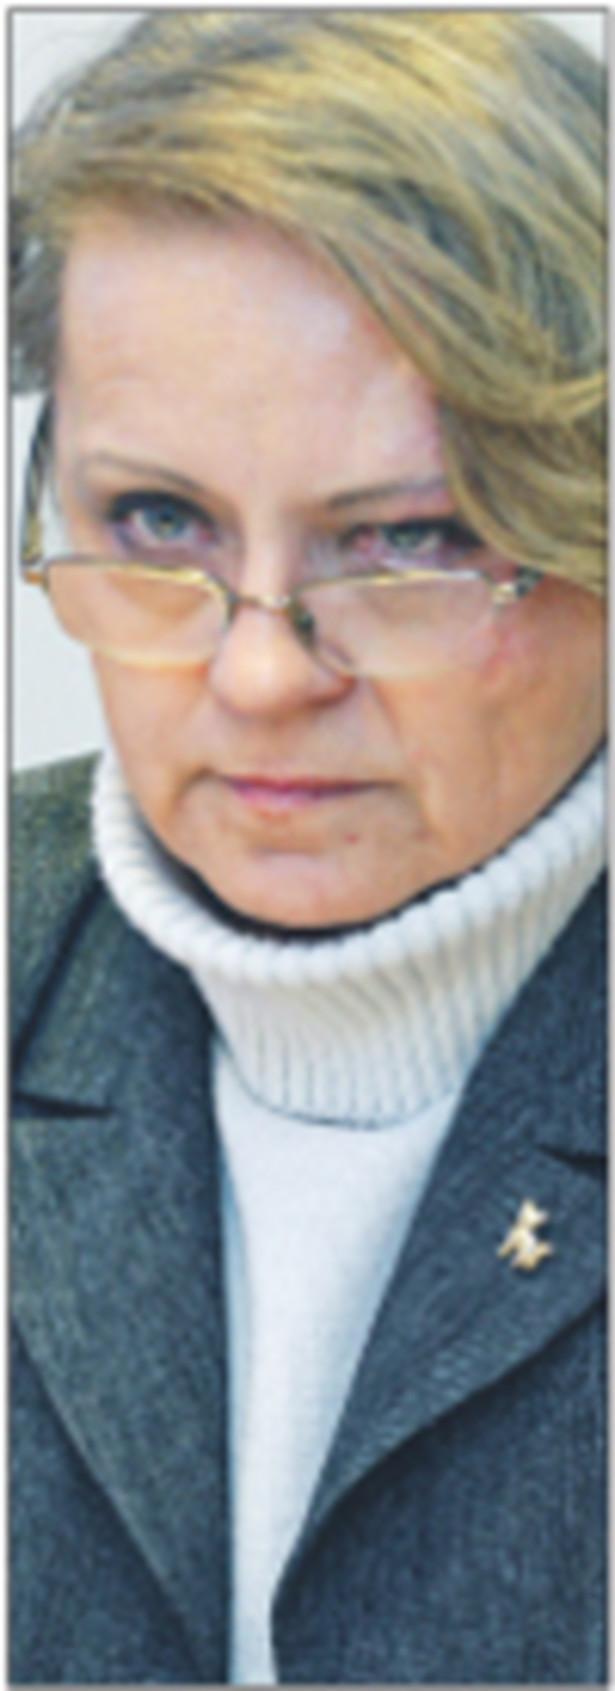 Bogna Nowak-Turowiecka, ekspert ubezpieczeniowy z Konfederacji Pracodawców Polskich